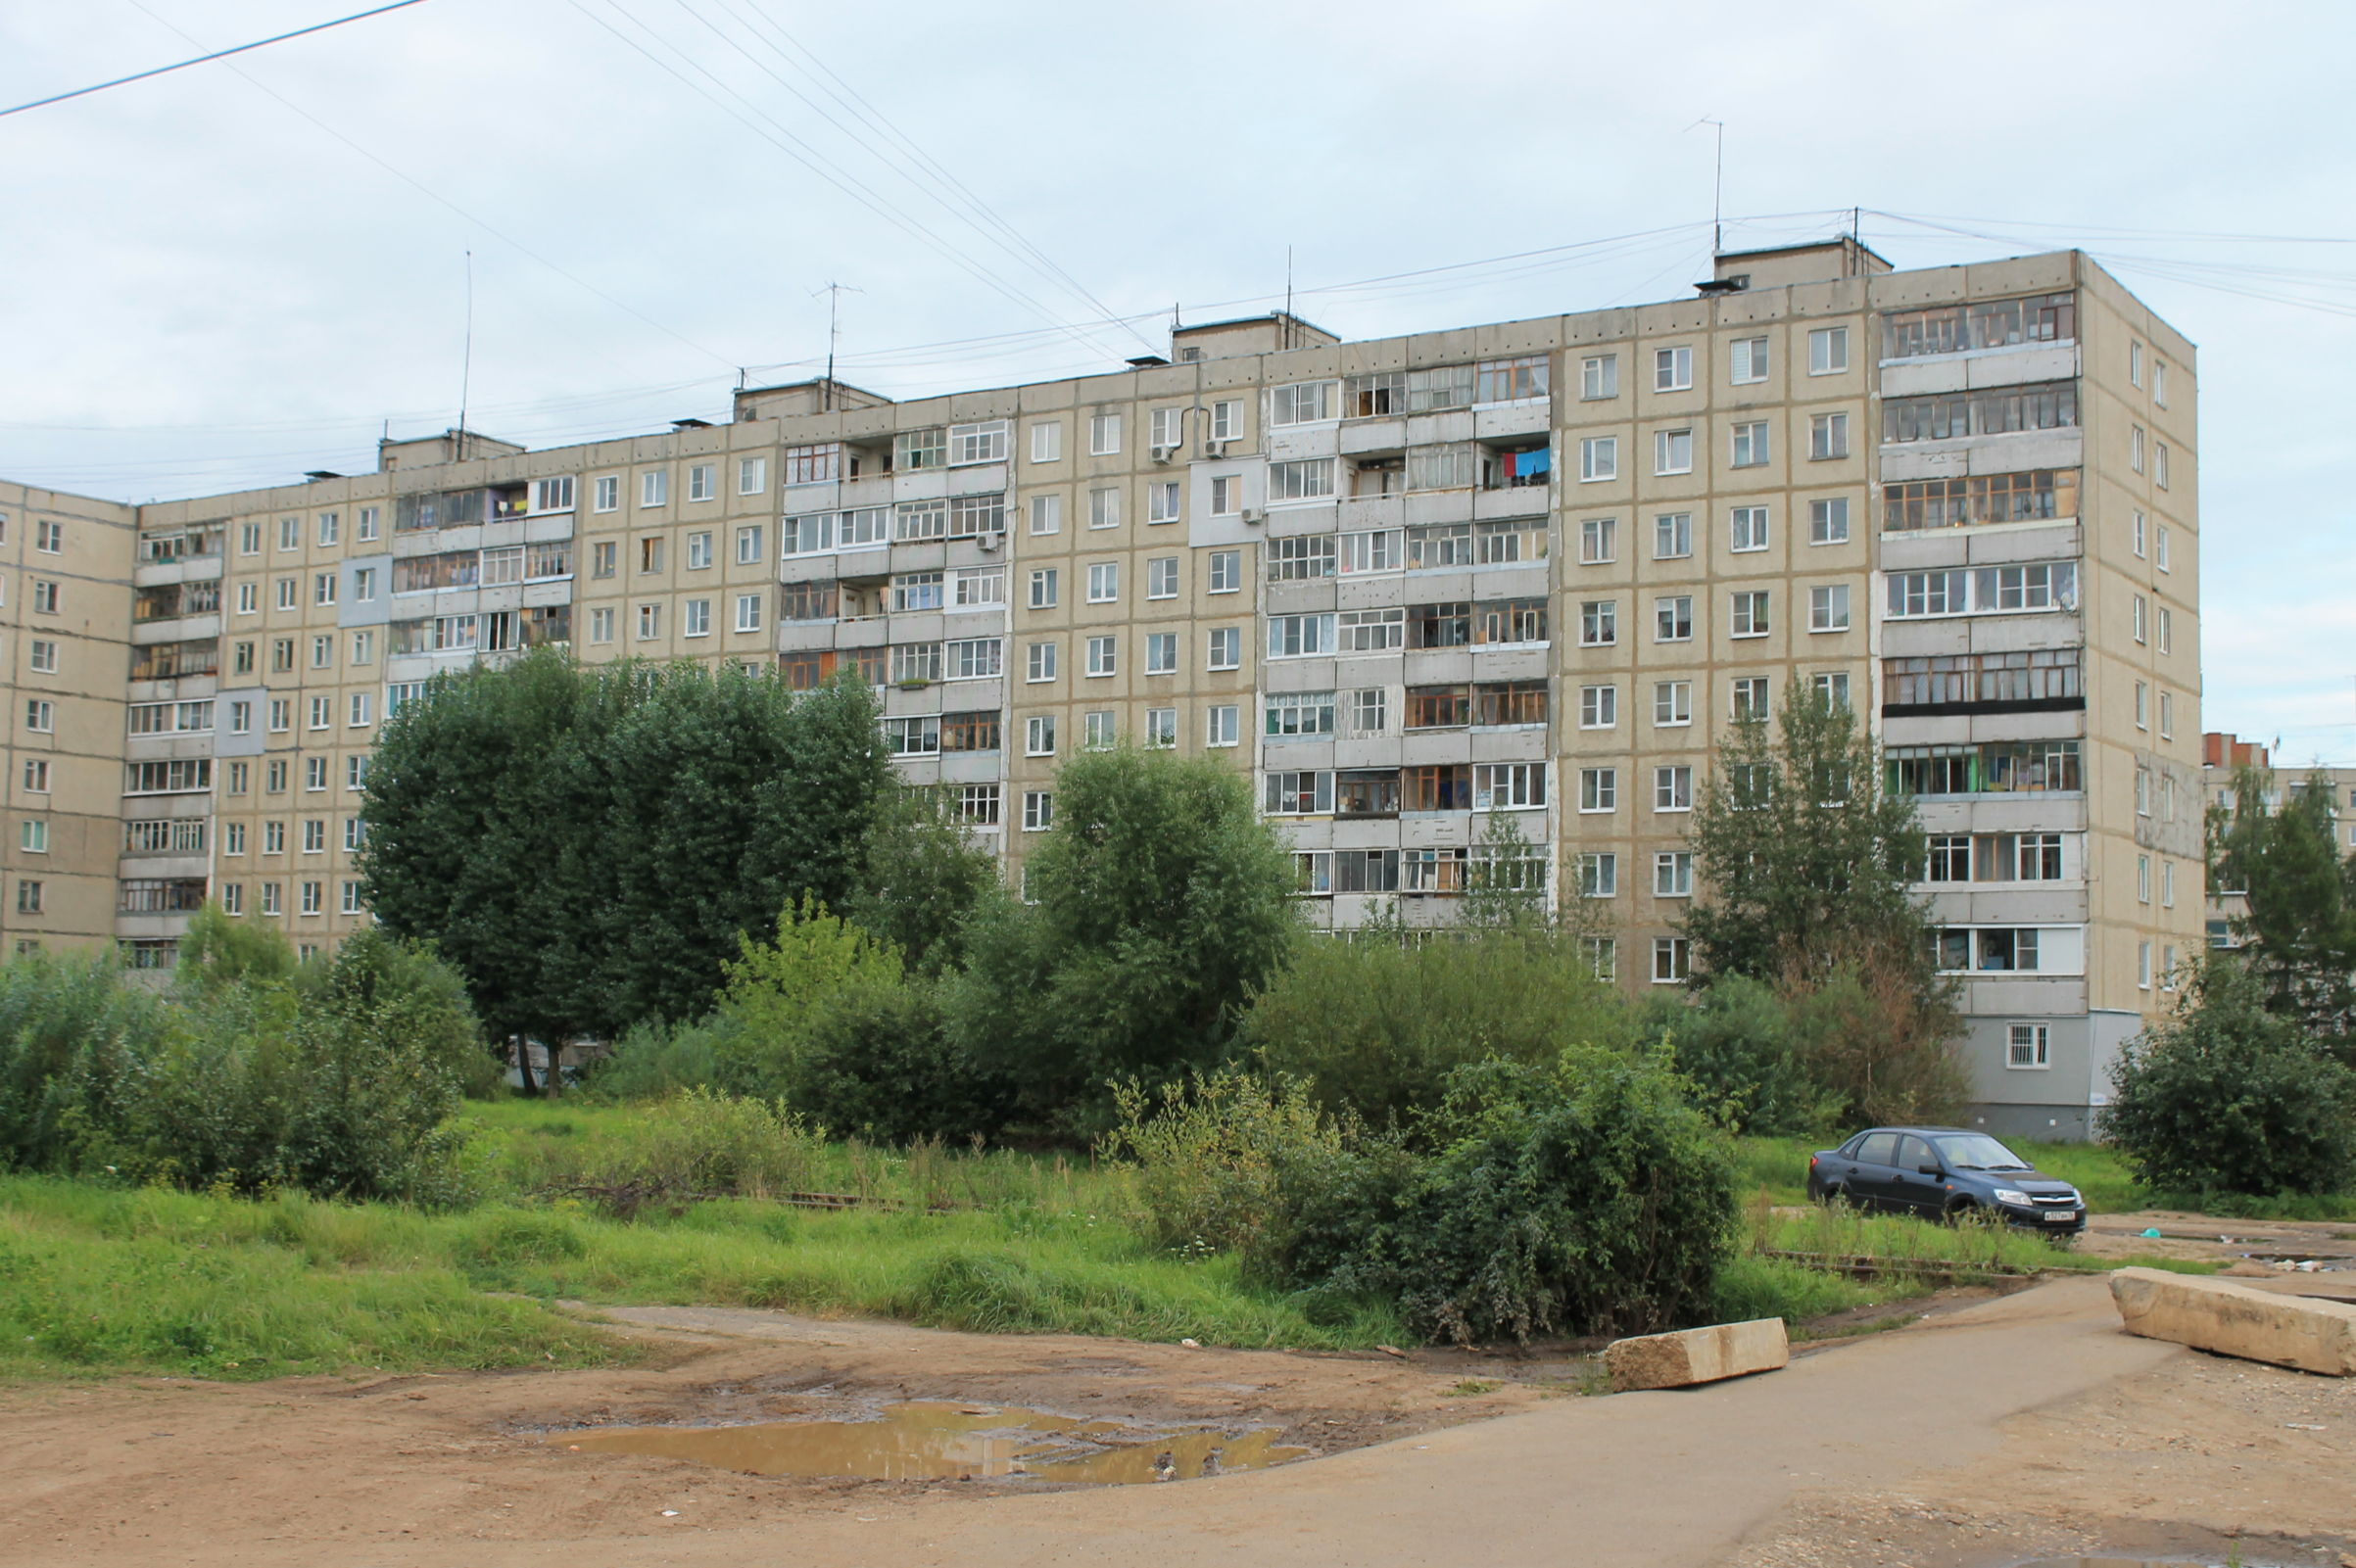 В Заволжском районе Ярославля из окна высотки выпала девушка